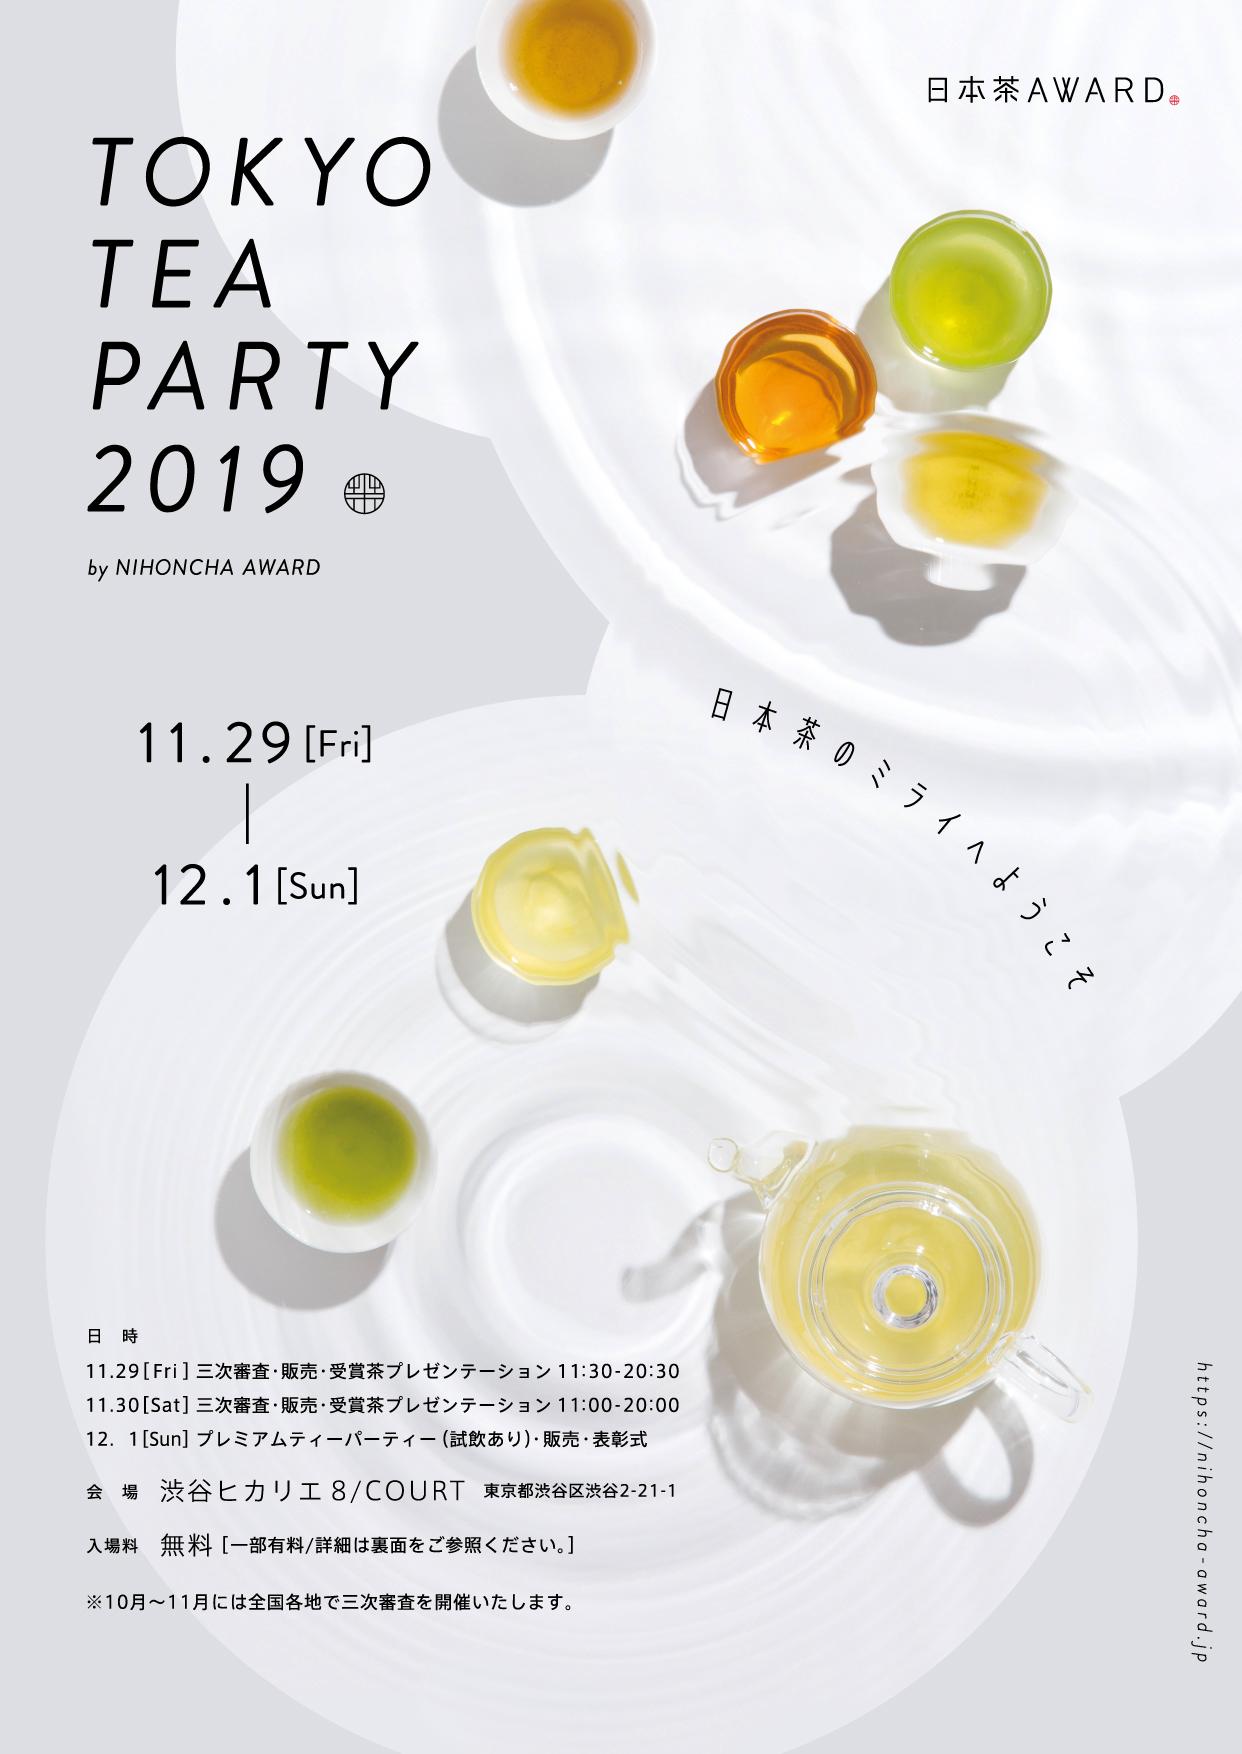 TOKYO TEA PARTY 2019チラシ 表